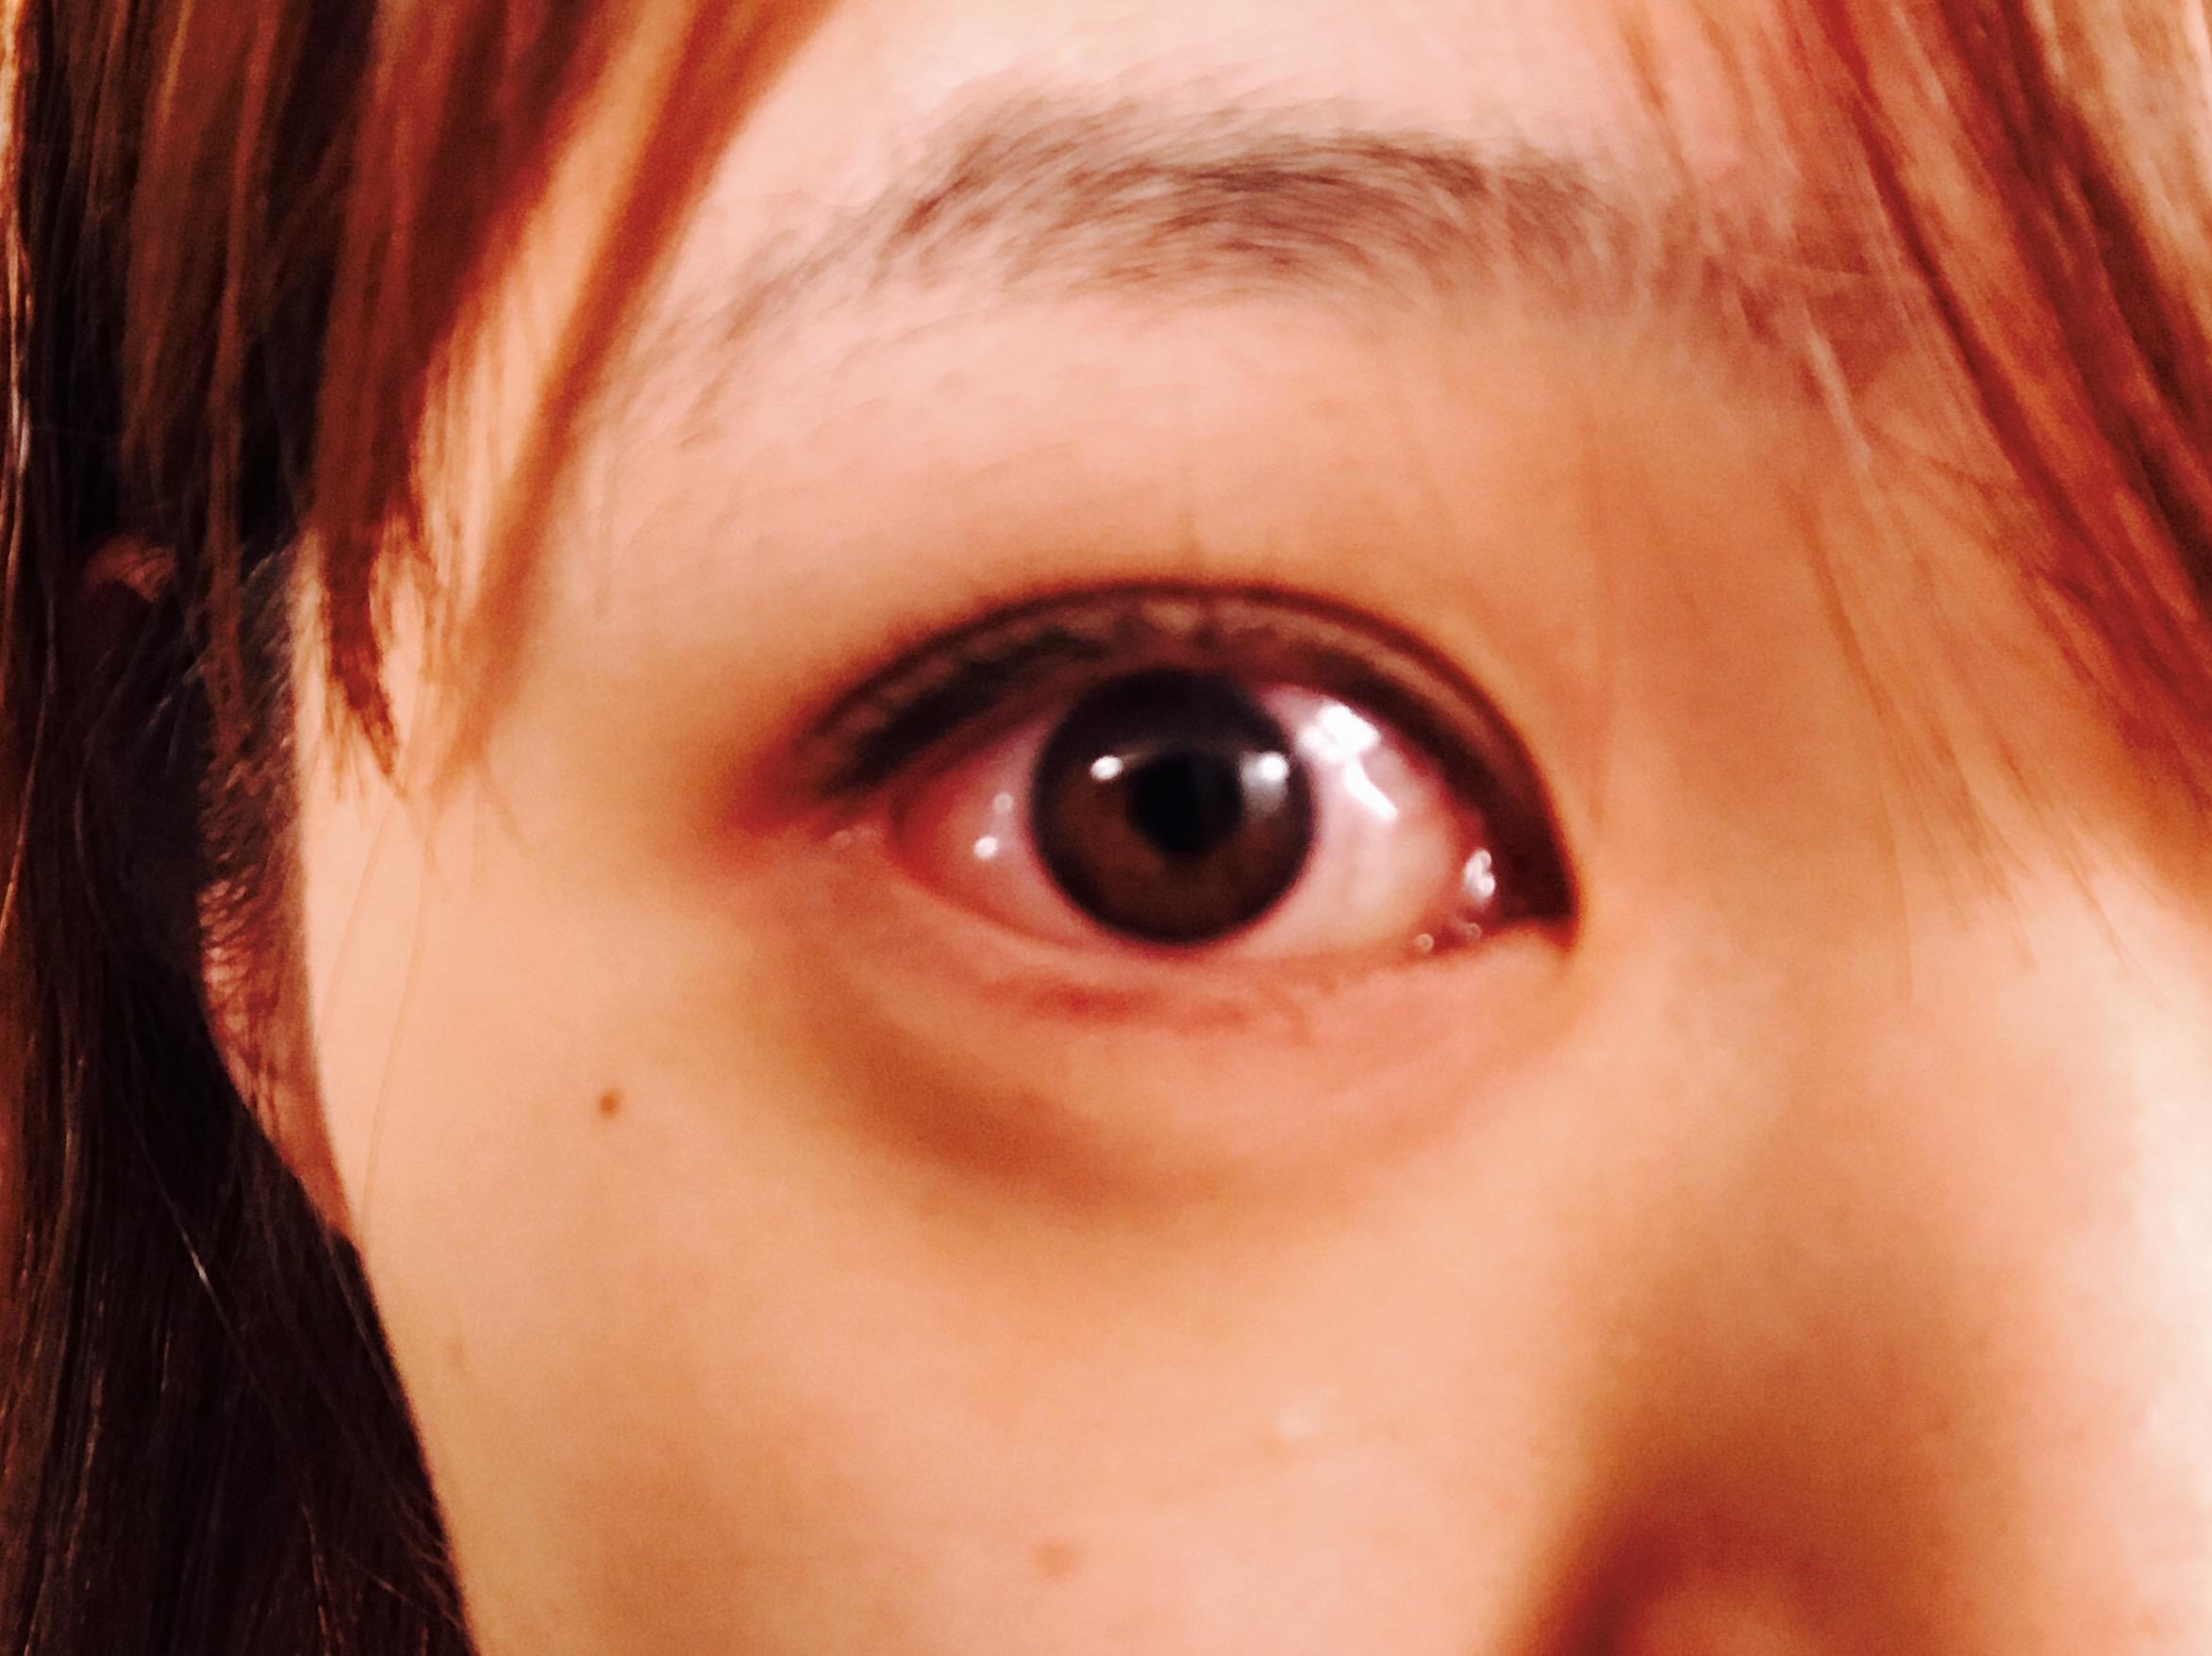 涙 袋 腫れ 片目 痛い 急に目が痛くなった目の痛みの原因とは?|日本医療協会